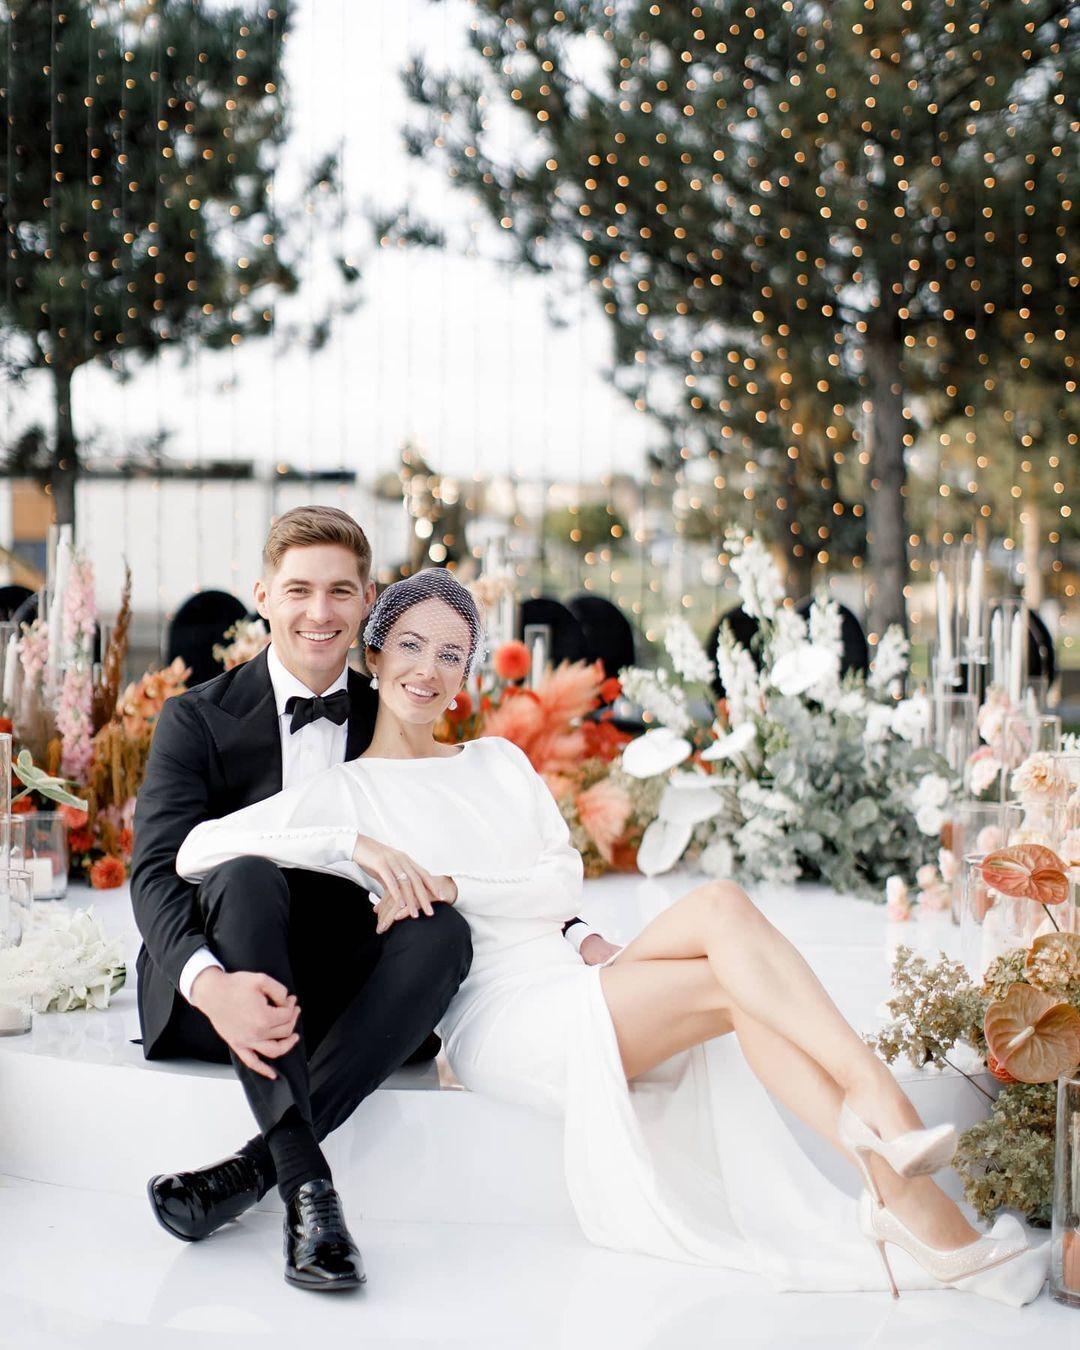 Владимир Остапчук и Кристина Горняк сыграли свадьбу.